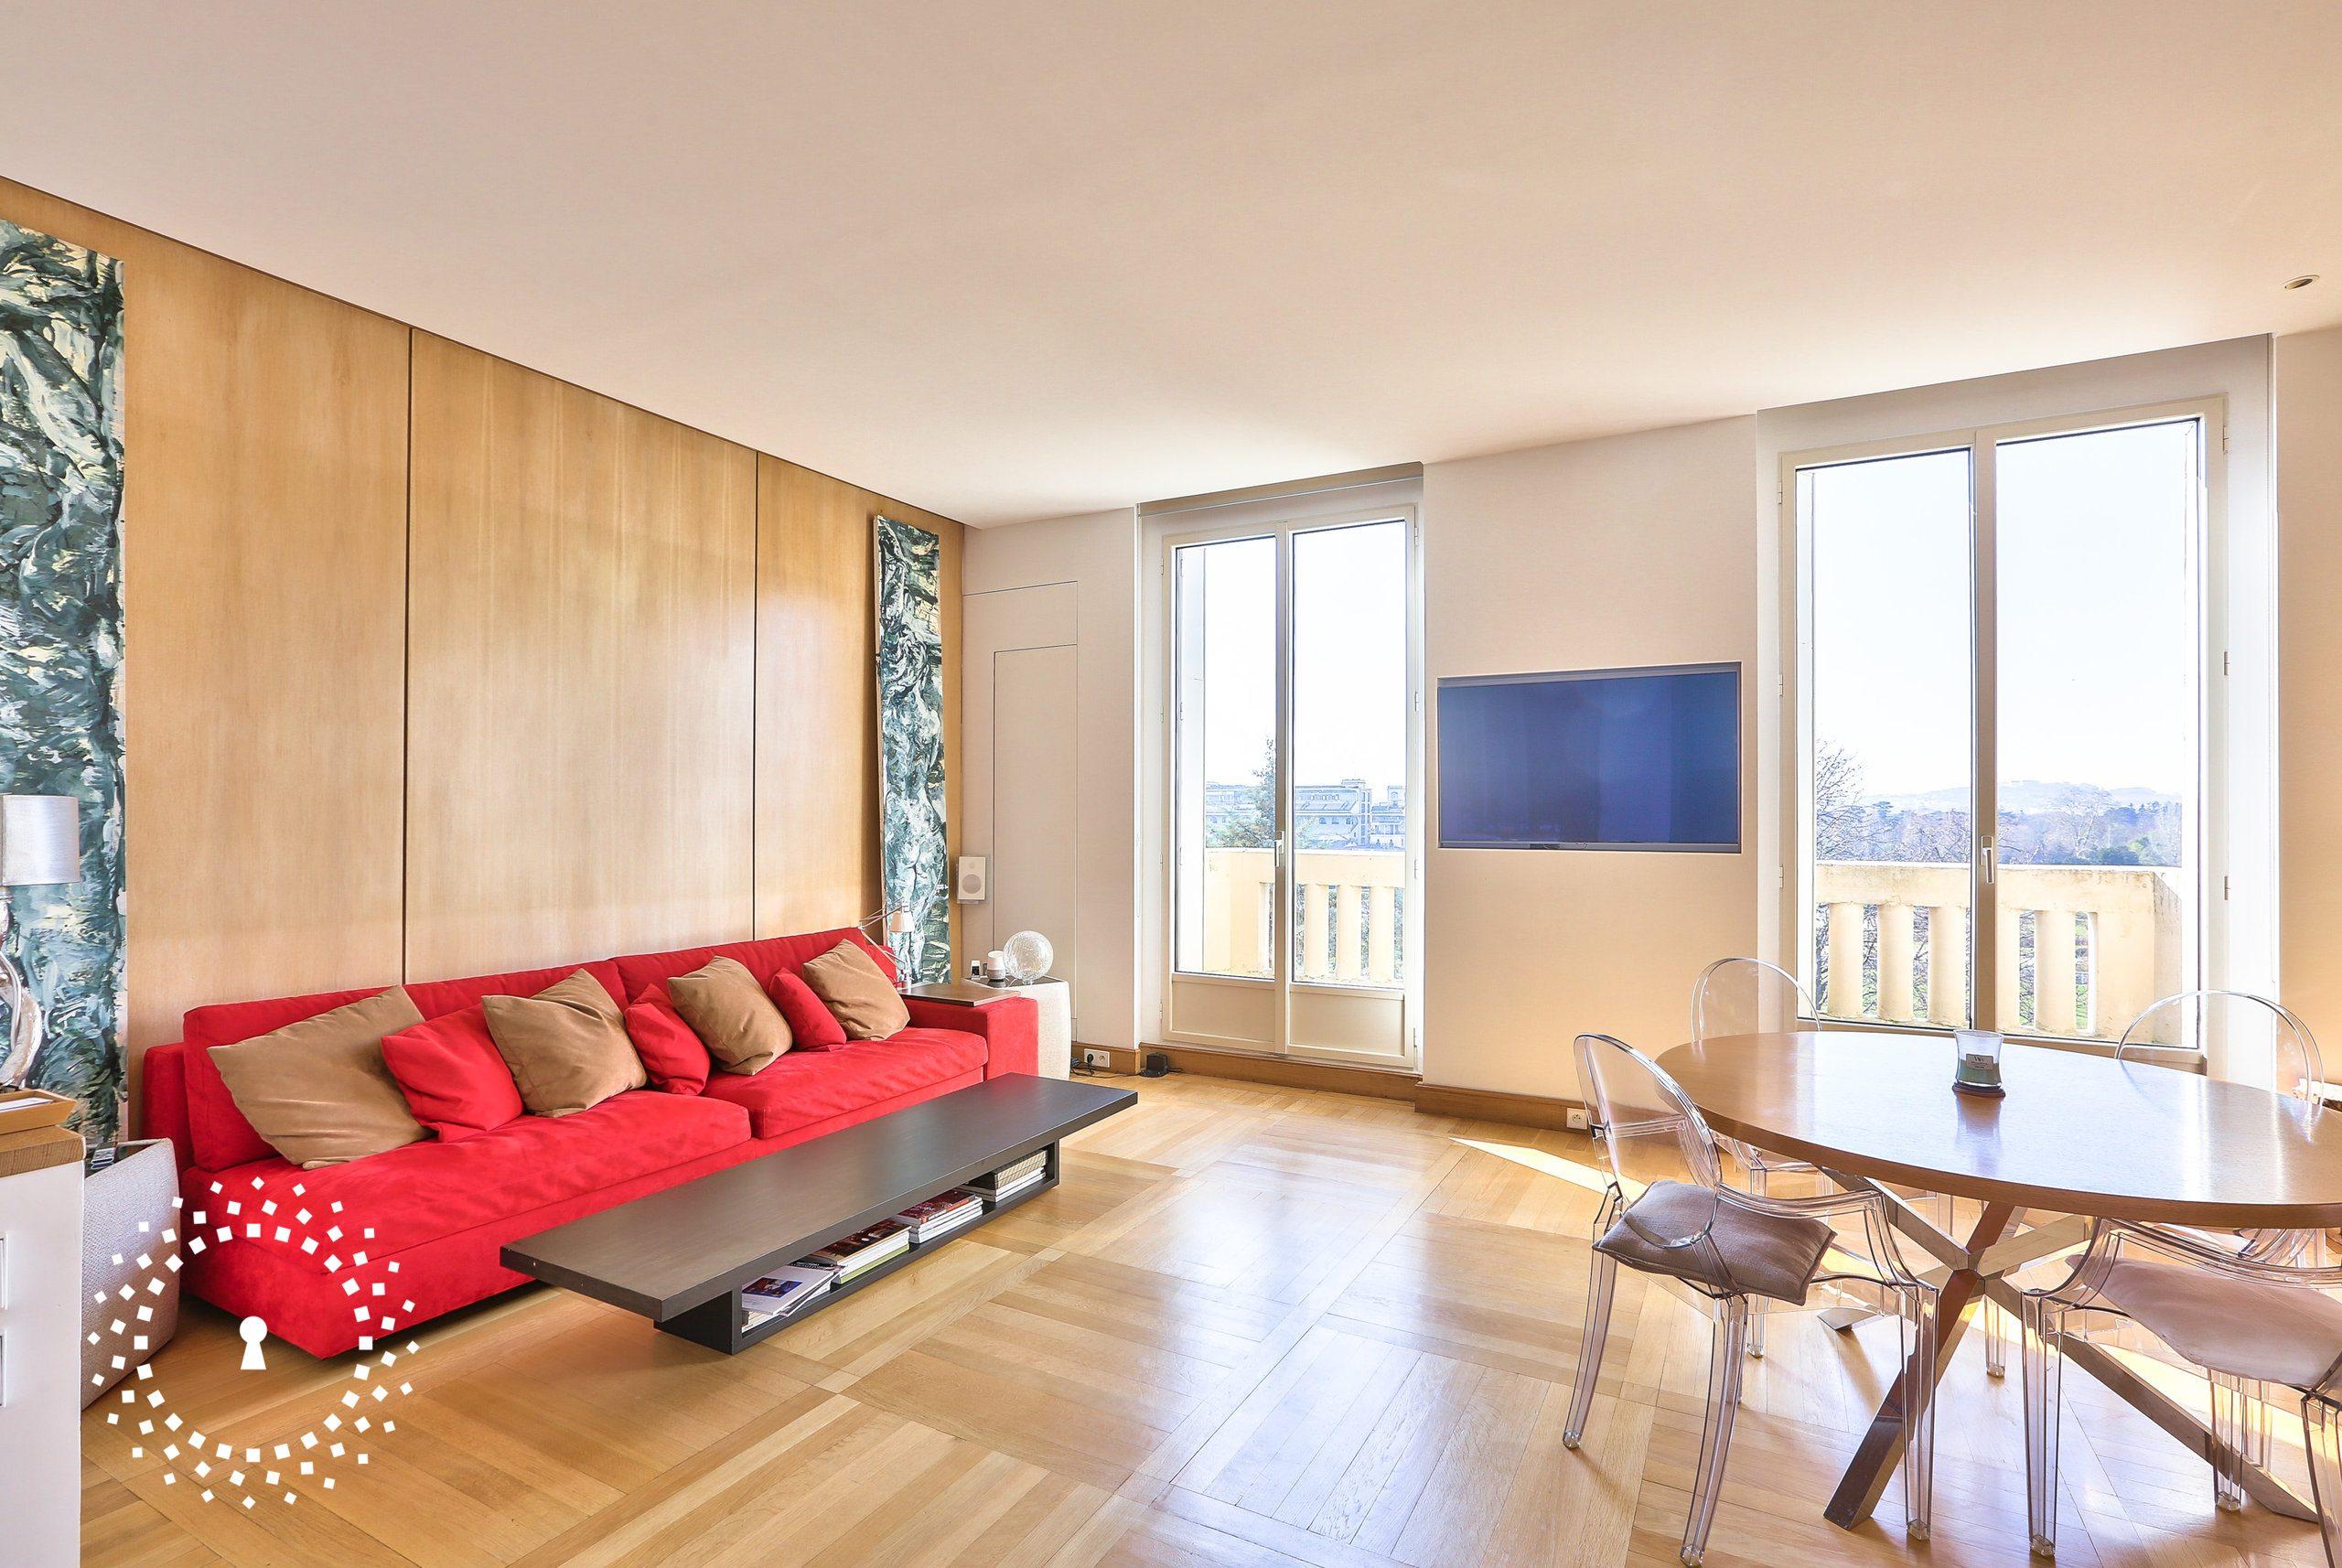 appartement terrasse paris 16 vue exceptionnelle. Black Bedroom Furniture Sets. Home Design Ideas